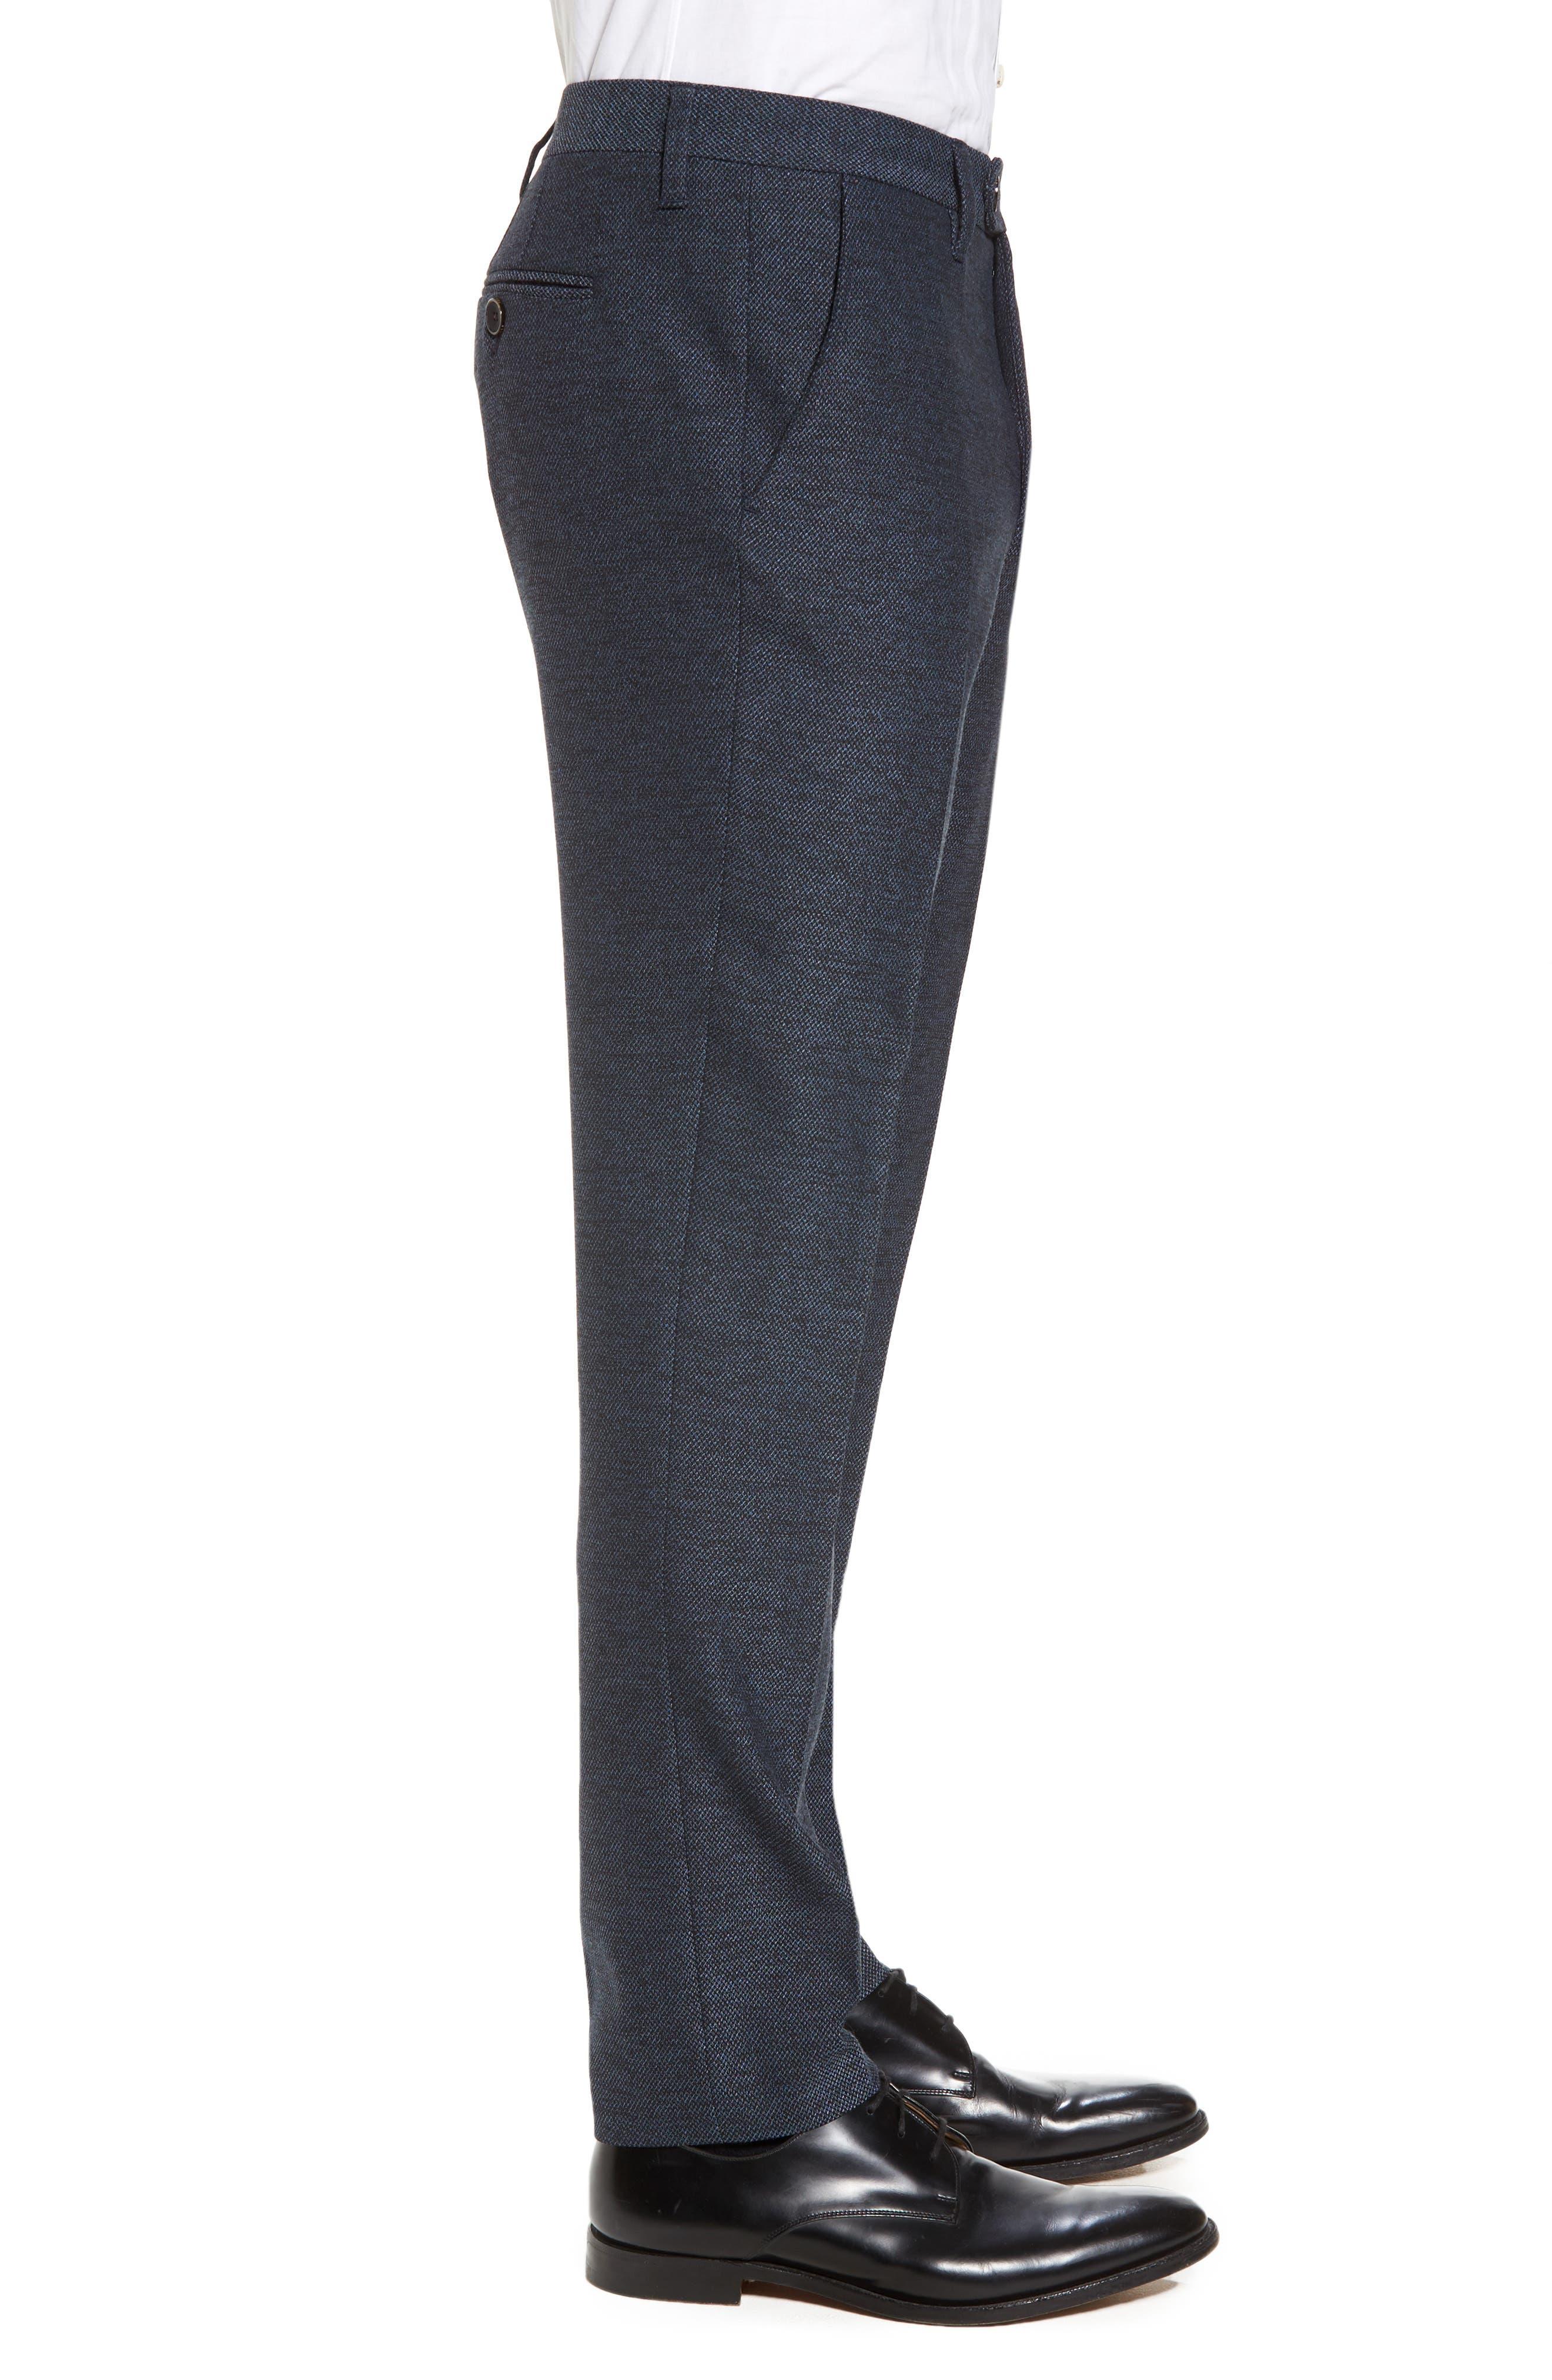 Alternate Image 3  - Ted Baker London Porttro Modern Slim Fit Trousers